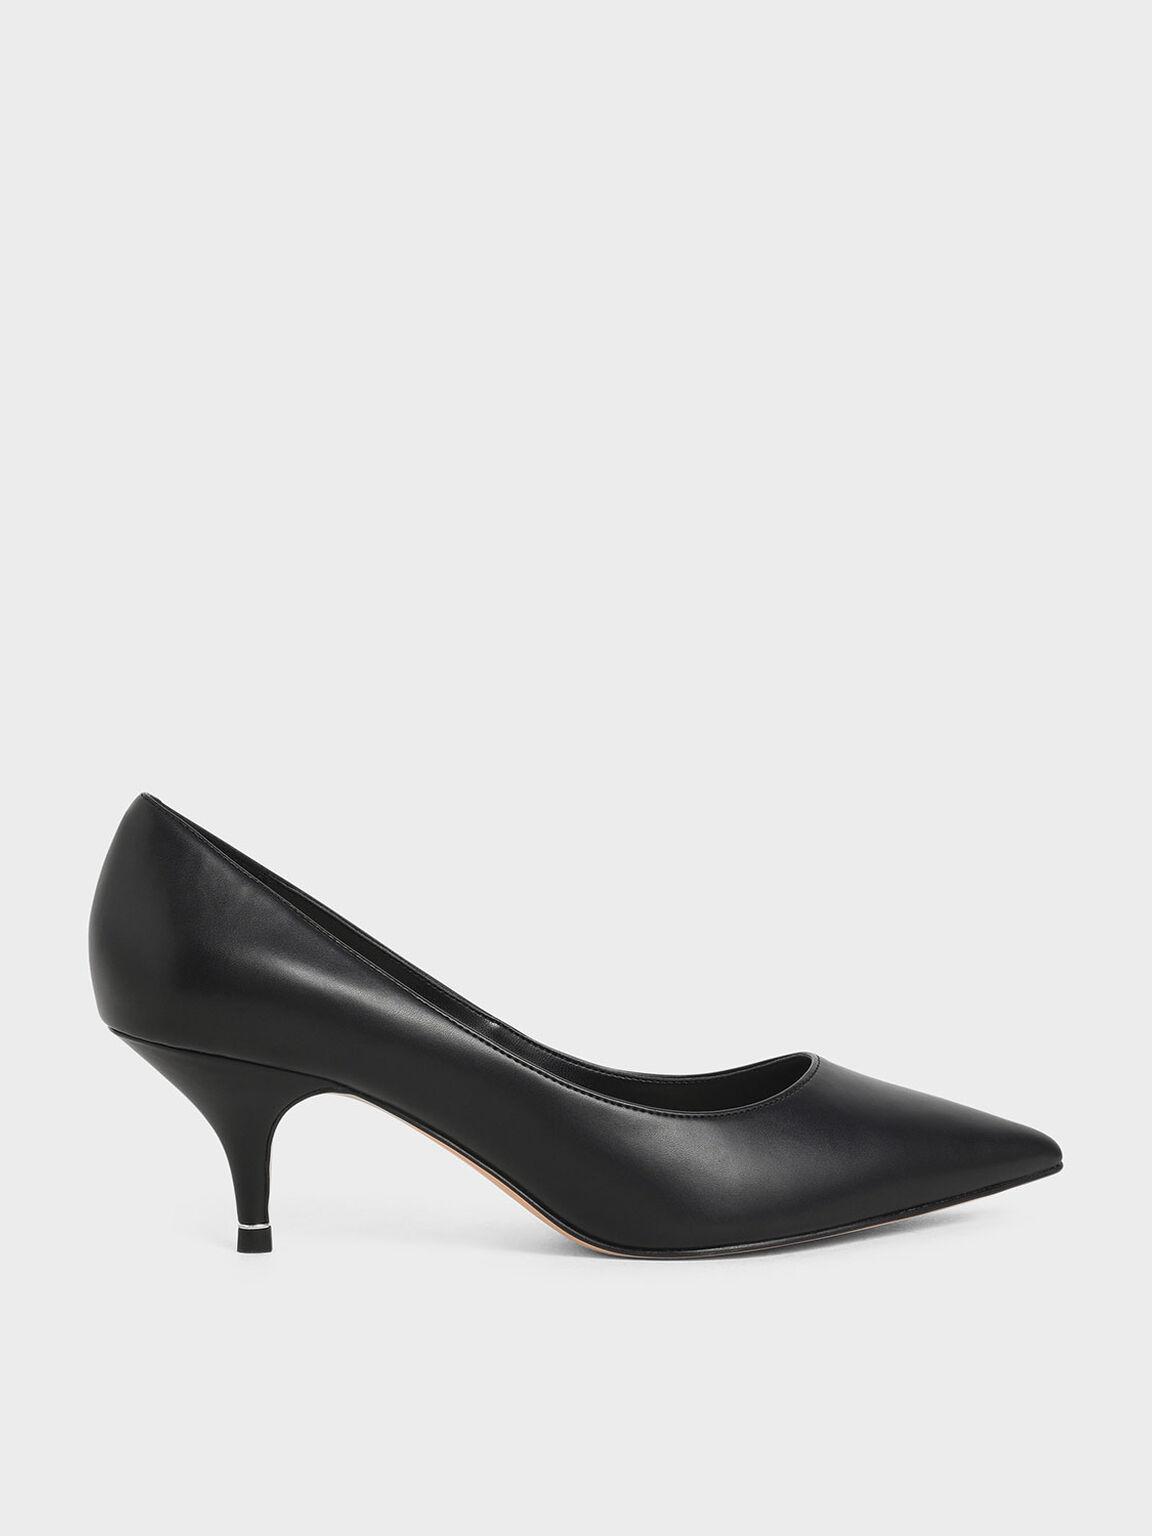 Sepatu Classic Pointed Toe Pumps, Black, hi-res